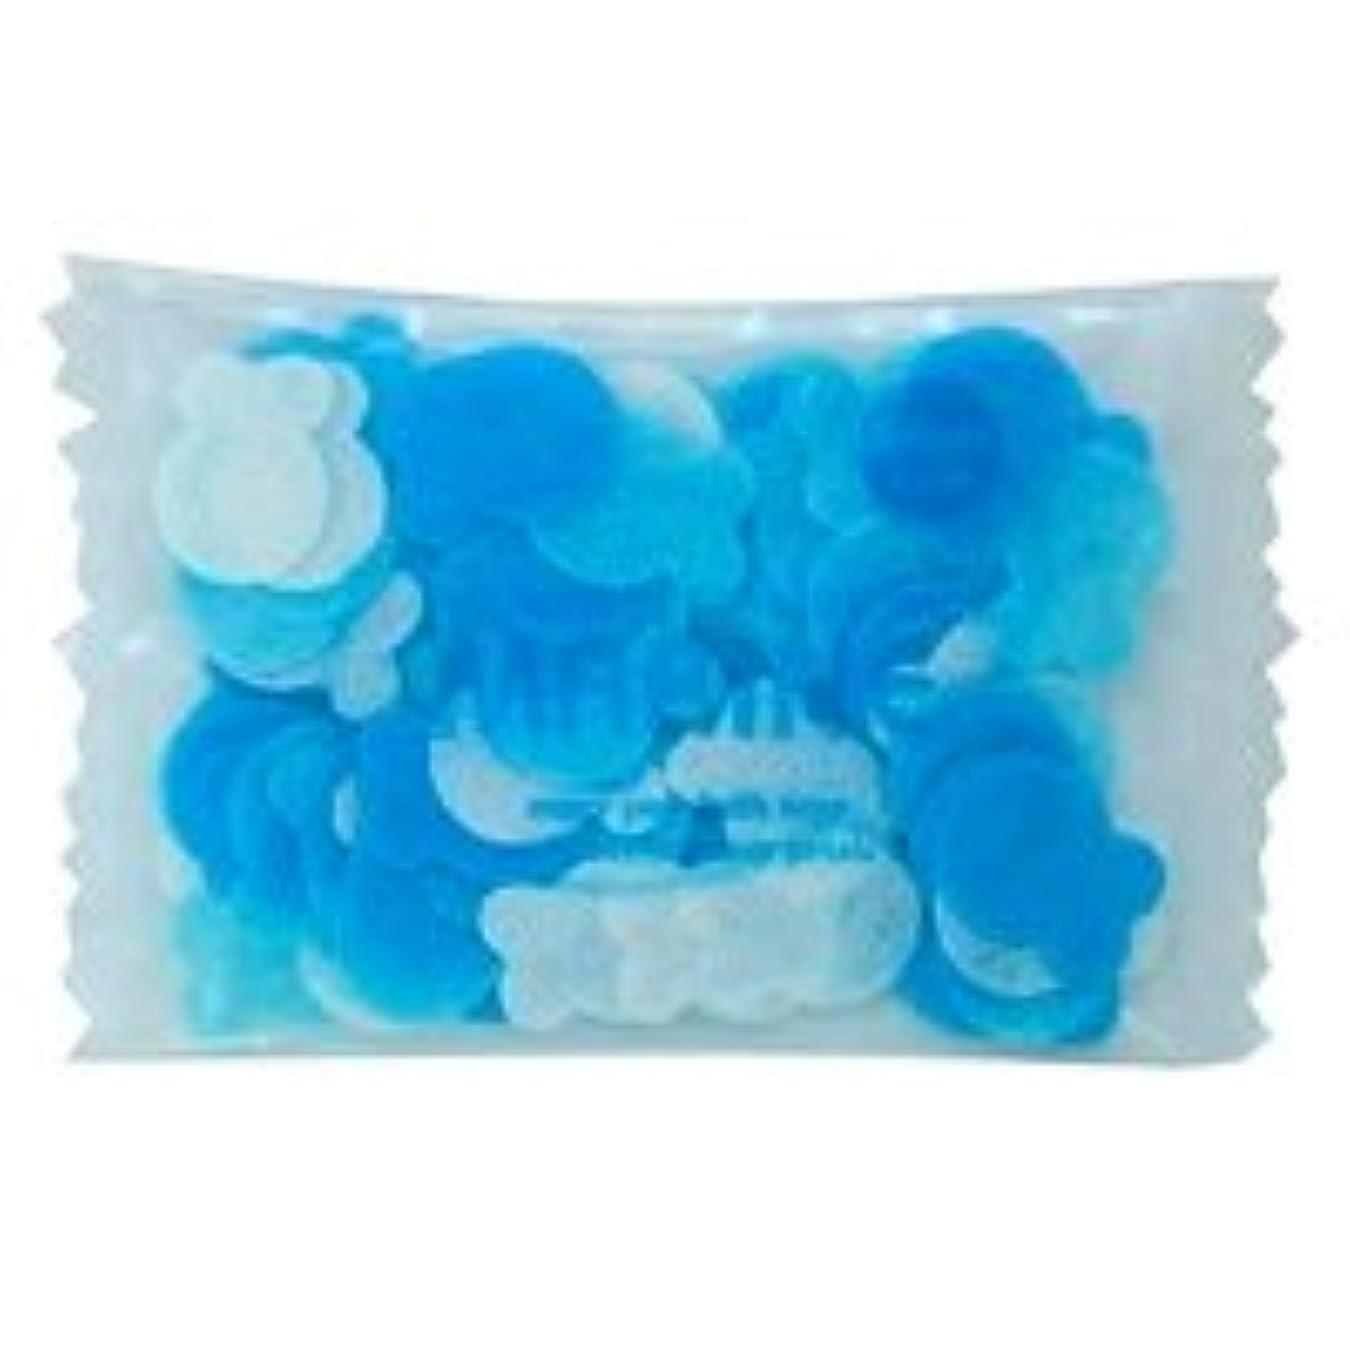 宣教師信念屋内でフラワーペタル バブルバス ミニパック「マリン」20個セット 穏やかで優しい気持ちになりたい日に心をなごませてくれる爽やかなマリンの香り